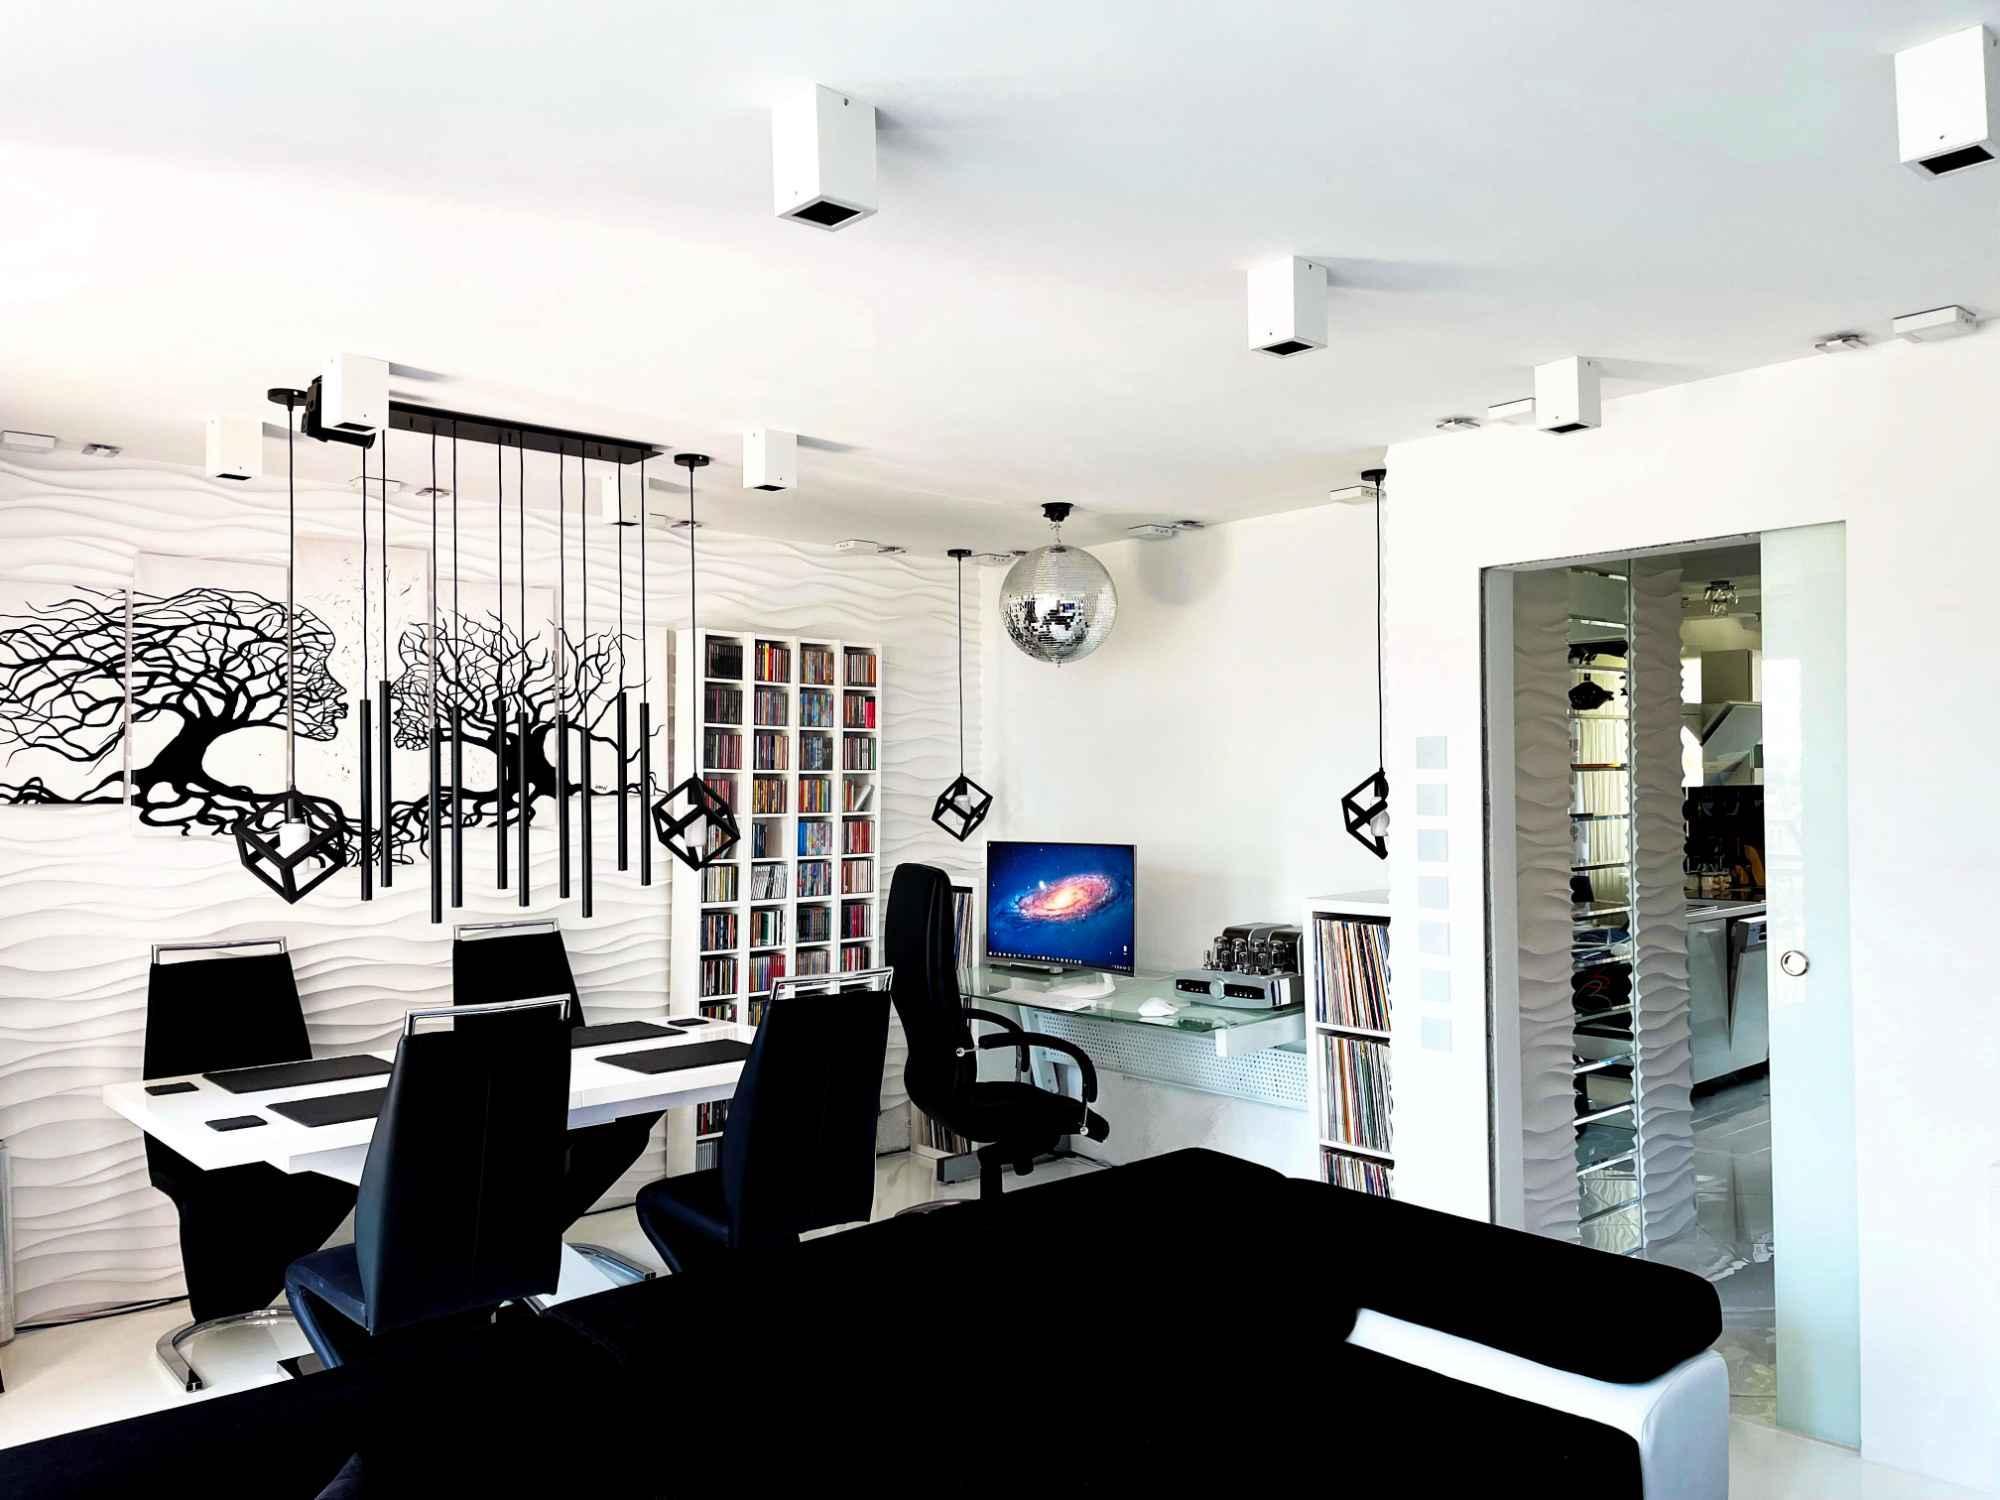 Mieszkanie Na Sprzedaż, 51 m2, Ostróda, Wysoki Standard Ostróda - zdjęcie 3